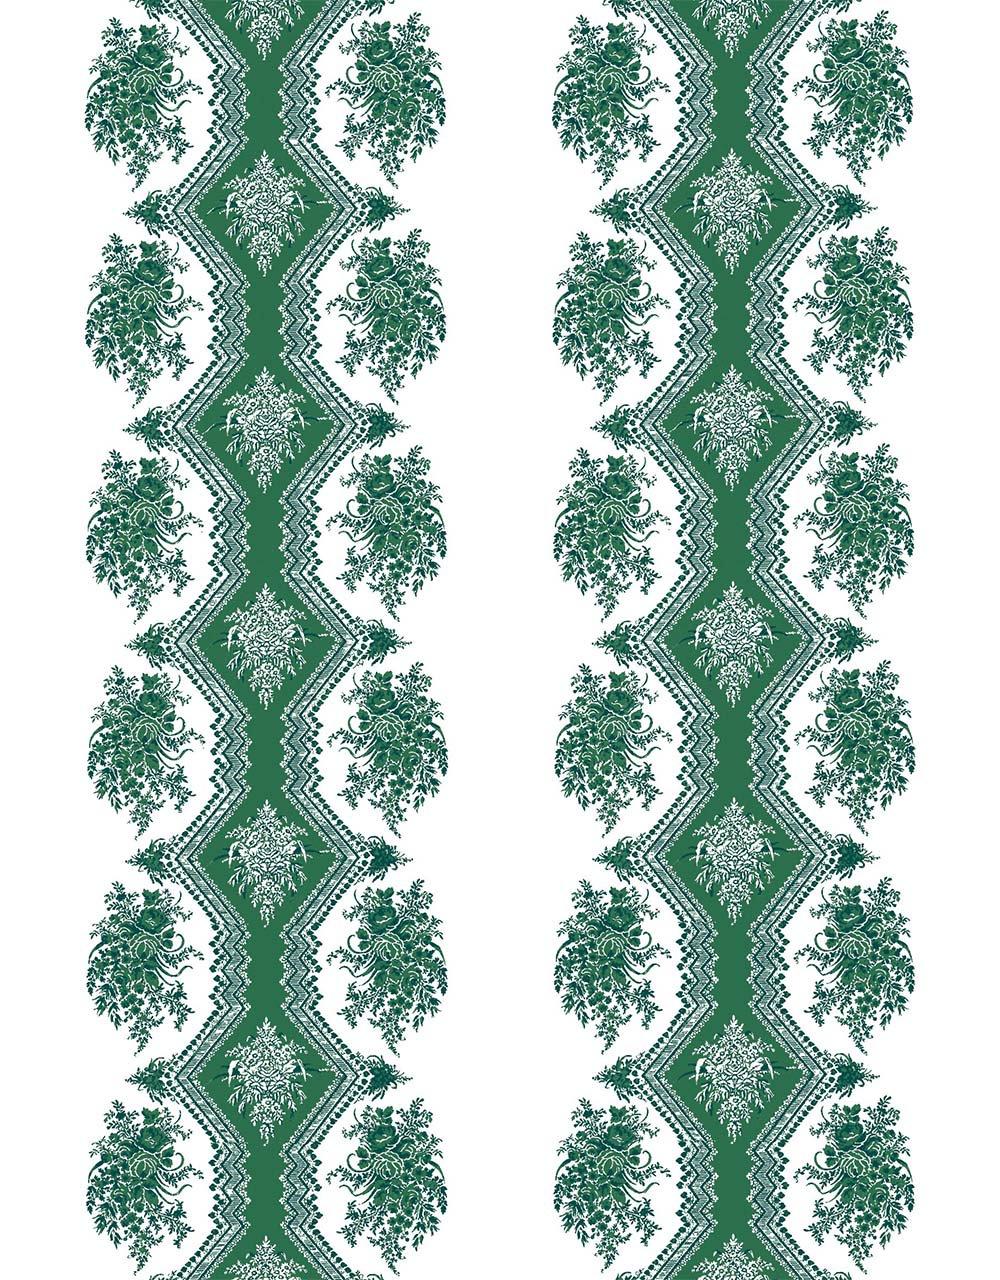 フランス壁紙 フリース(不織布) - 防炎加工 マドレーヌ・カスタン デザイン 《コッペリア》 グリーン